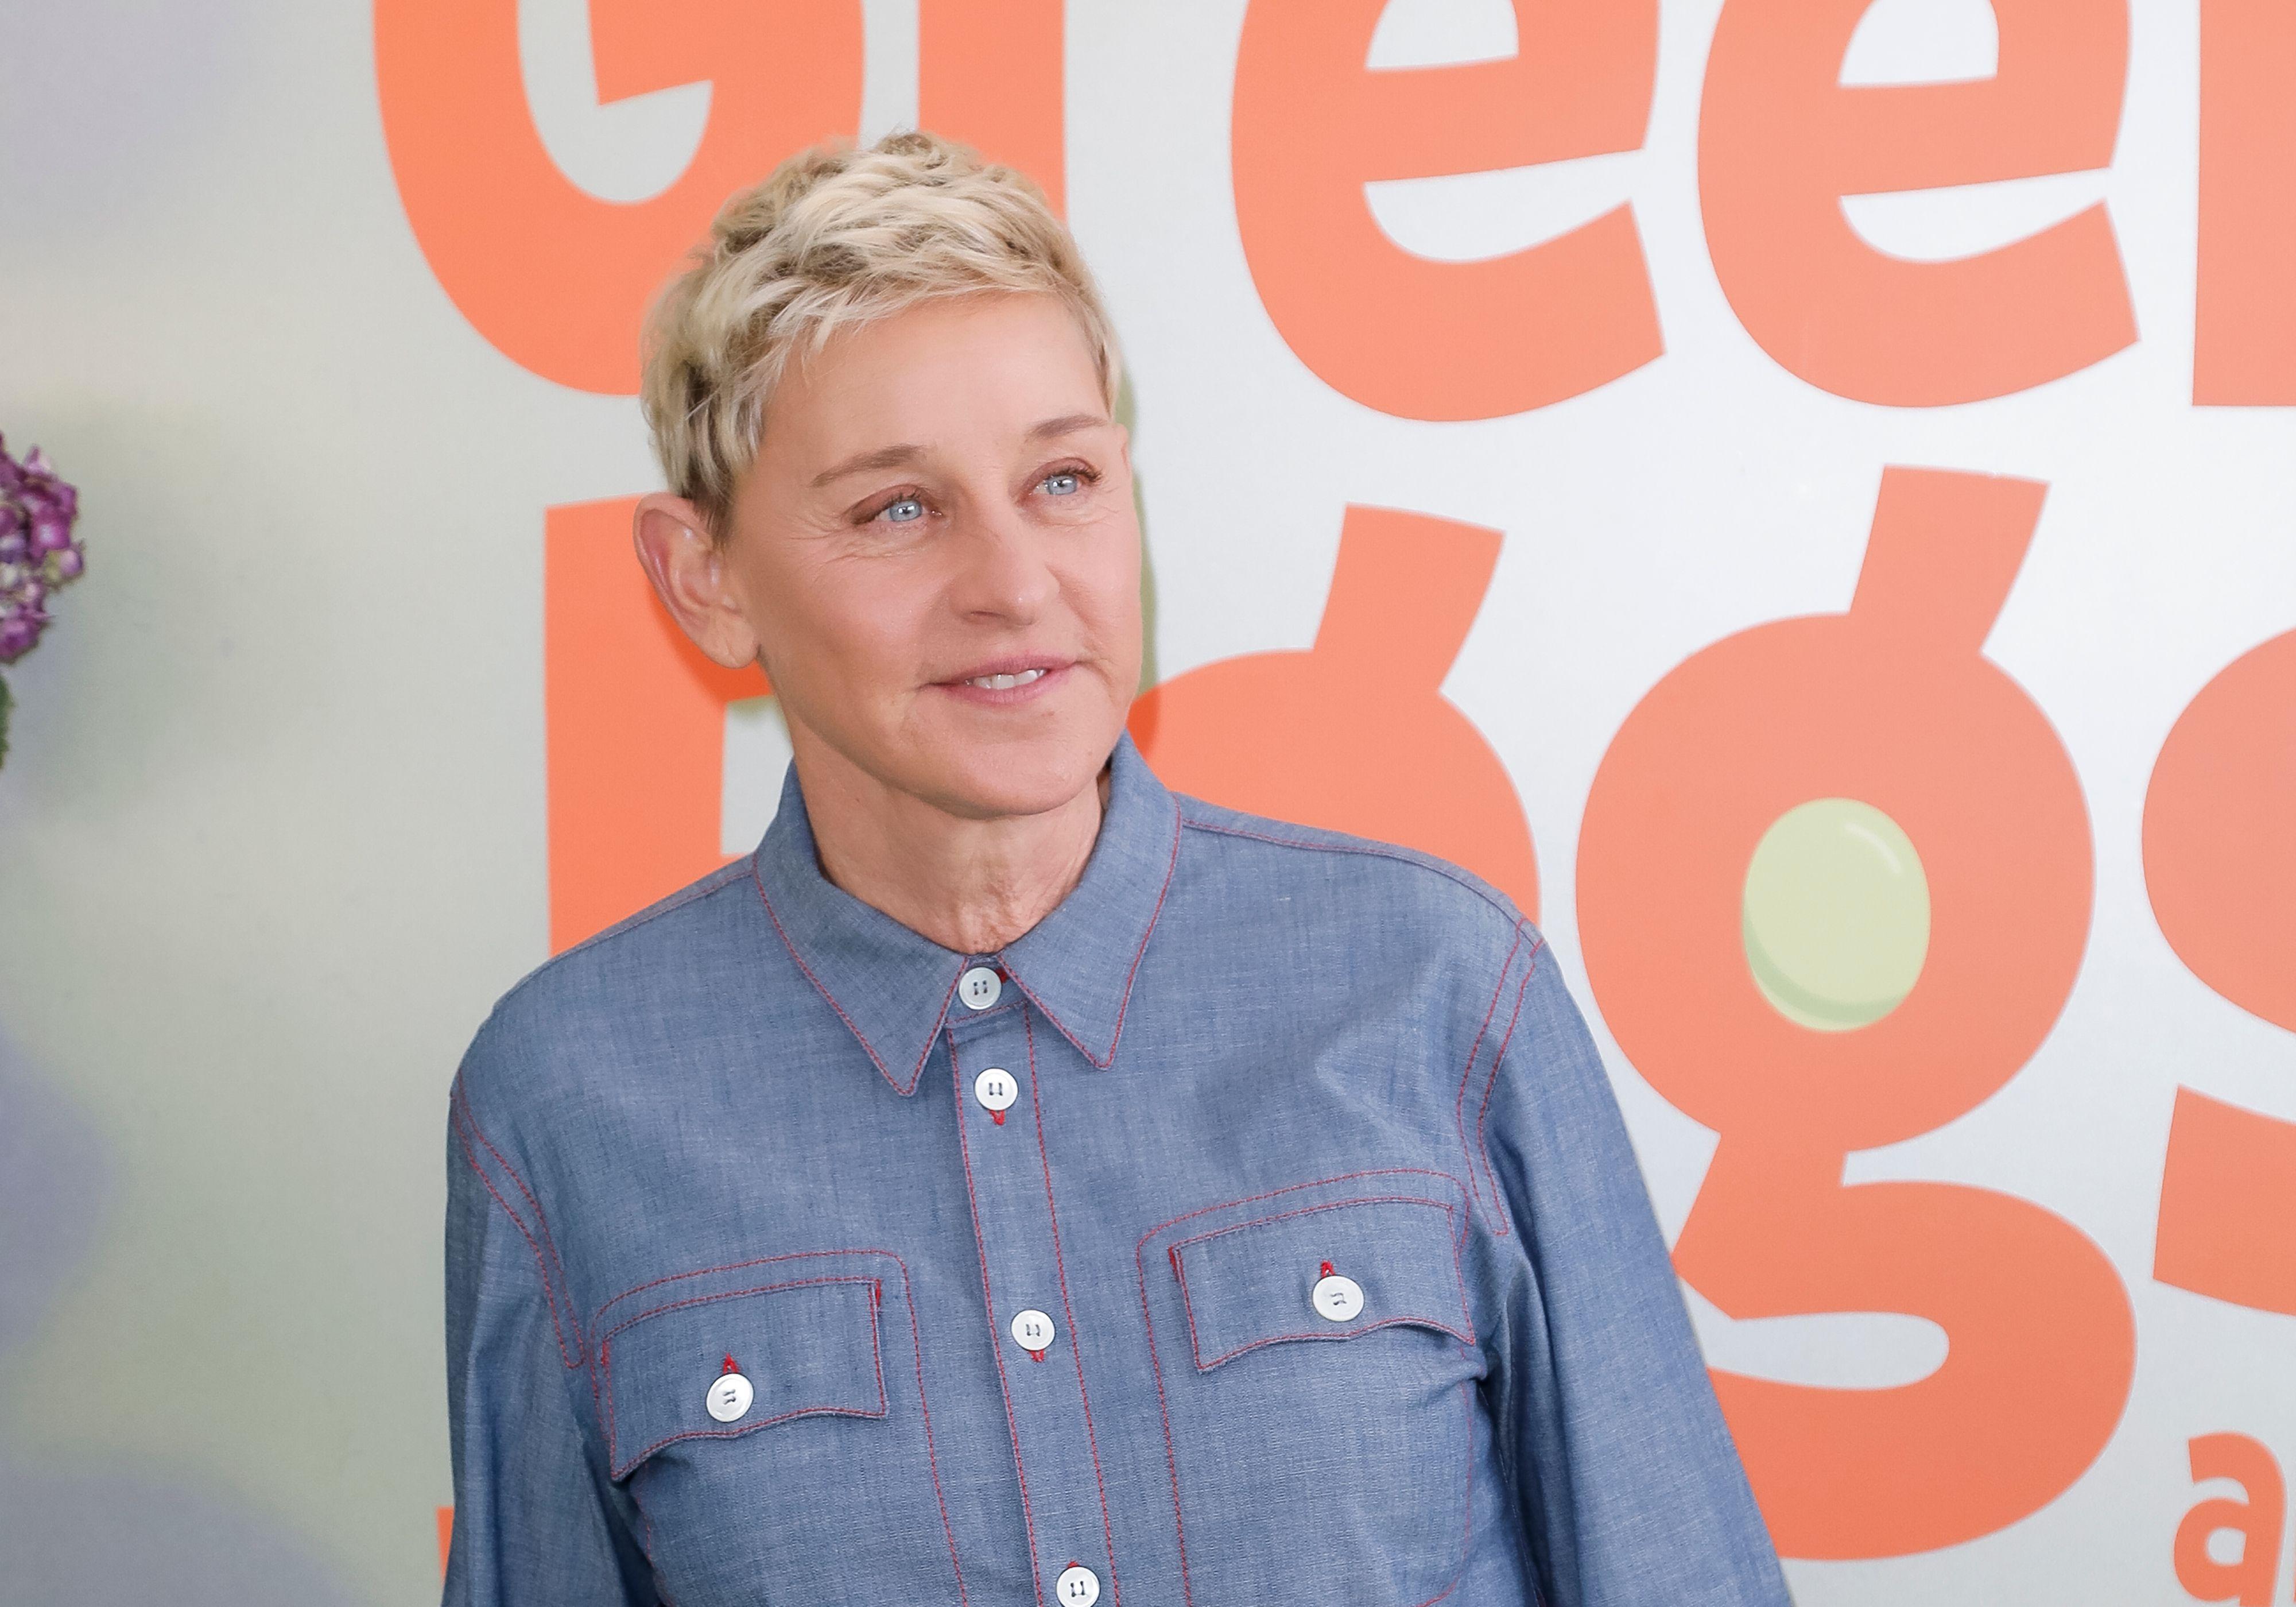 Ellen DeGeneres poses in front of a wall